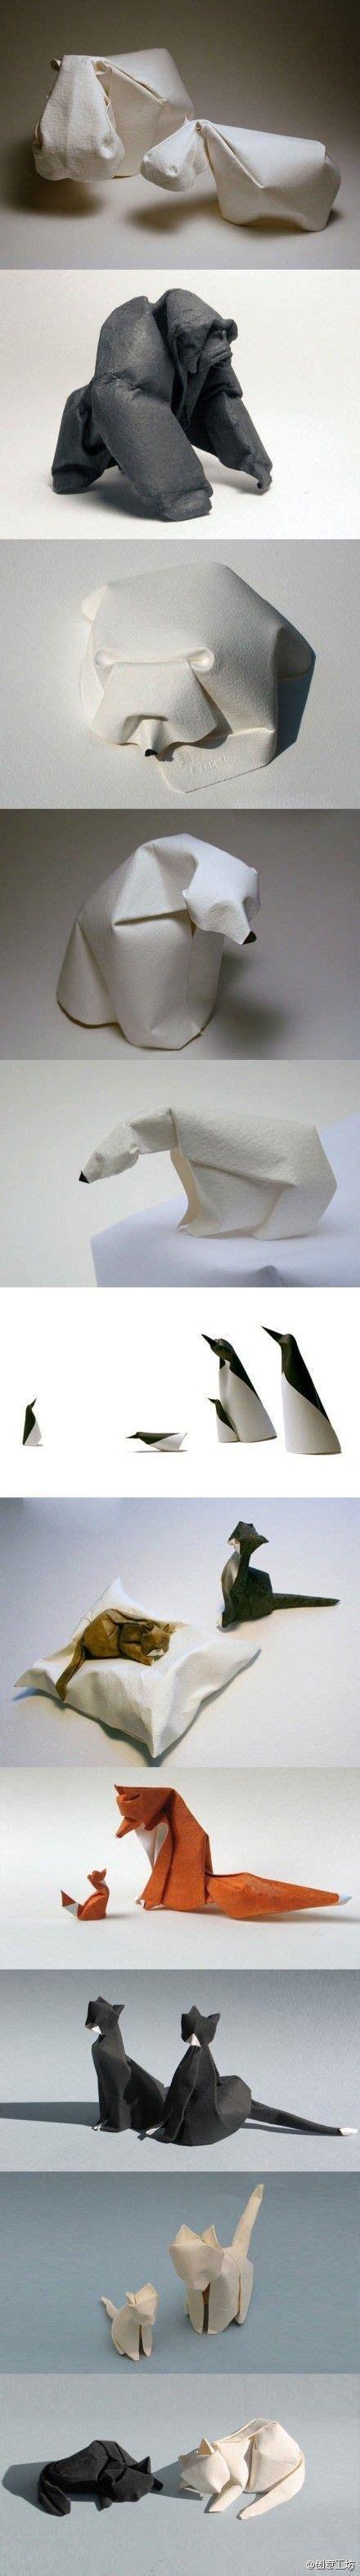 Origami Zoo Animals - creare con la carta quot l arte degli origami quot questo lo